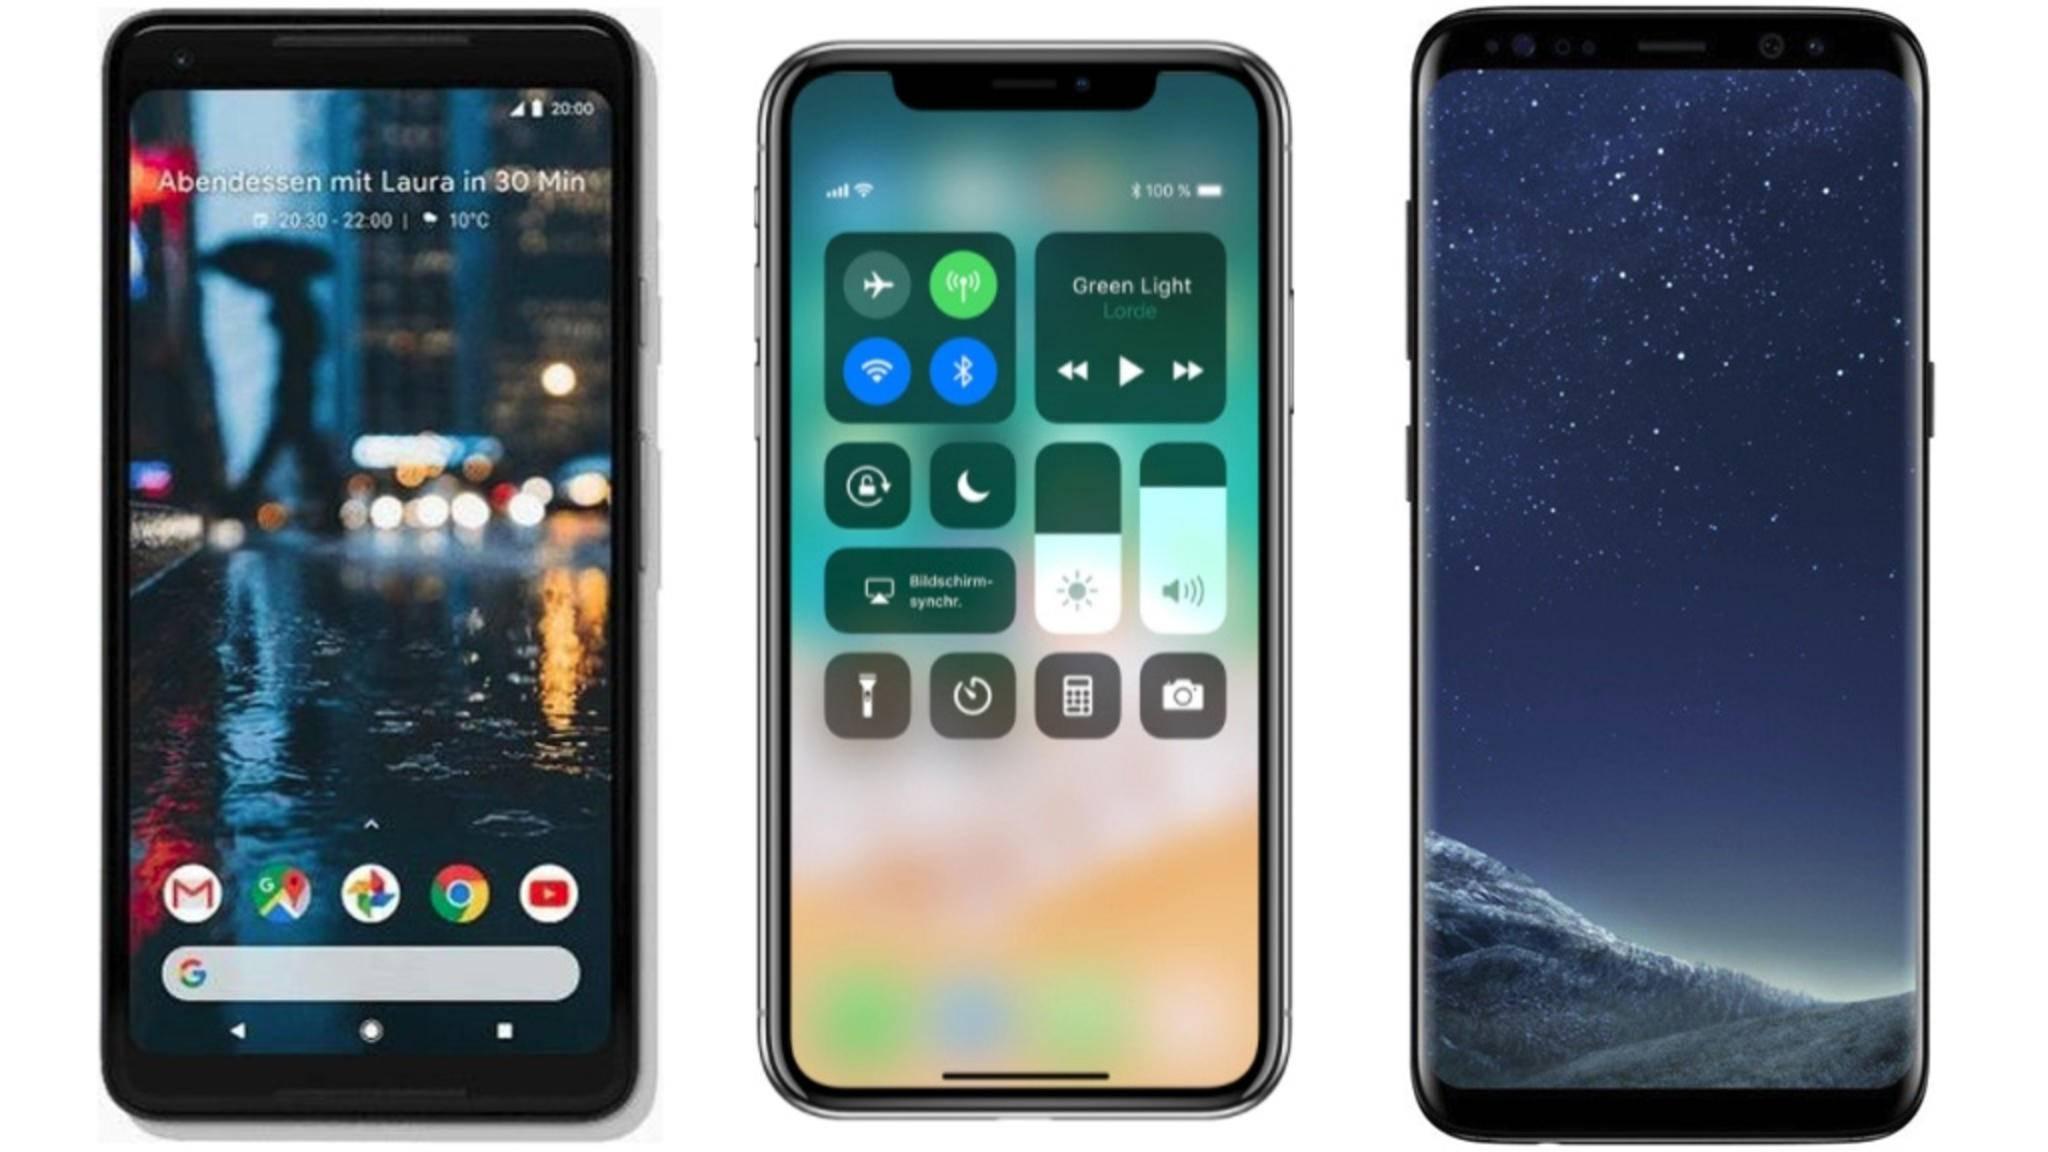 Hat das Pixel 2 XL, das iPhone X oder das Galaxy S8 mehr zu bieten?